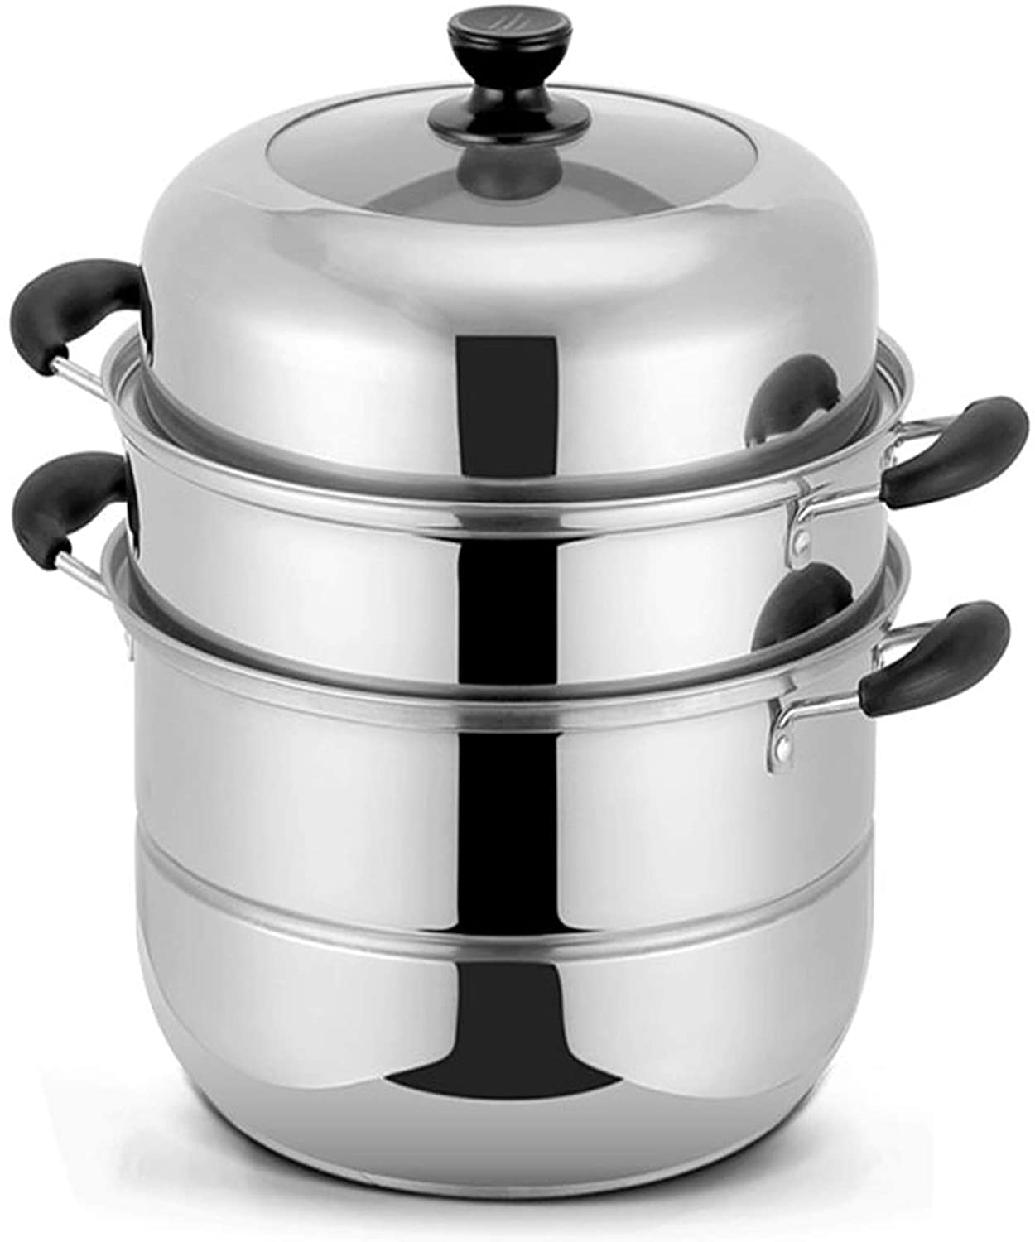 Mioke 蒸鍋の商品画像